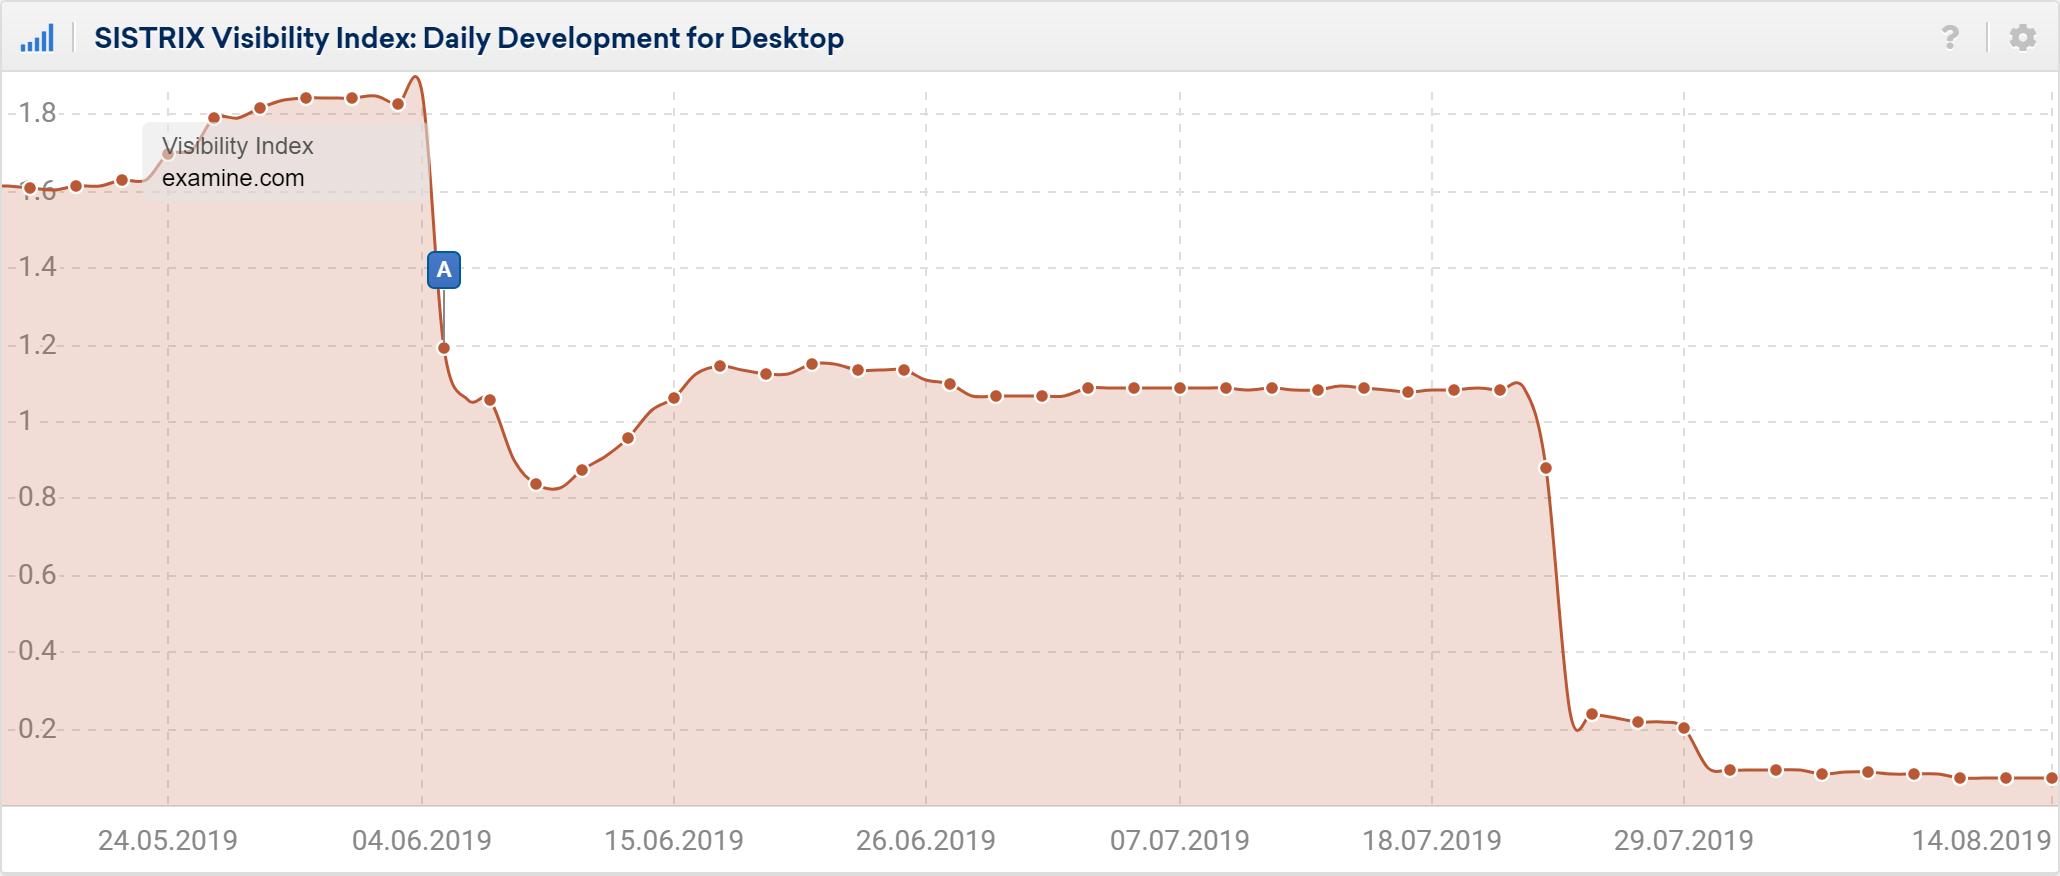 Gráfico que muestra la visibilidad diaria de examine.com en UK y las fechas exactas de su caída